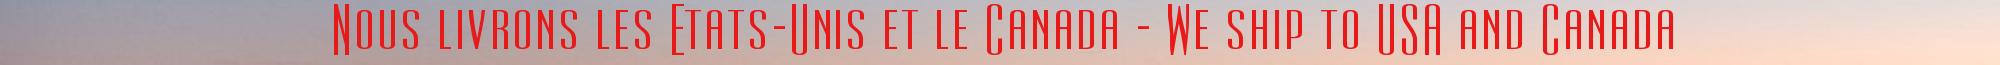 livraison vers les etats-unis et le canada